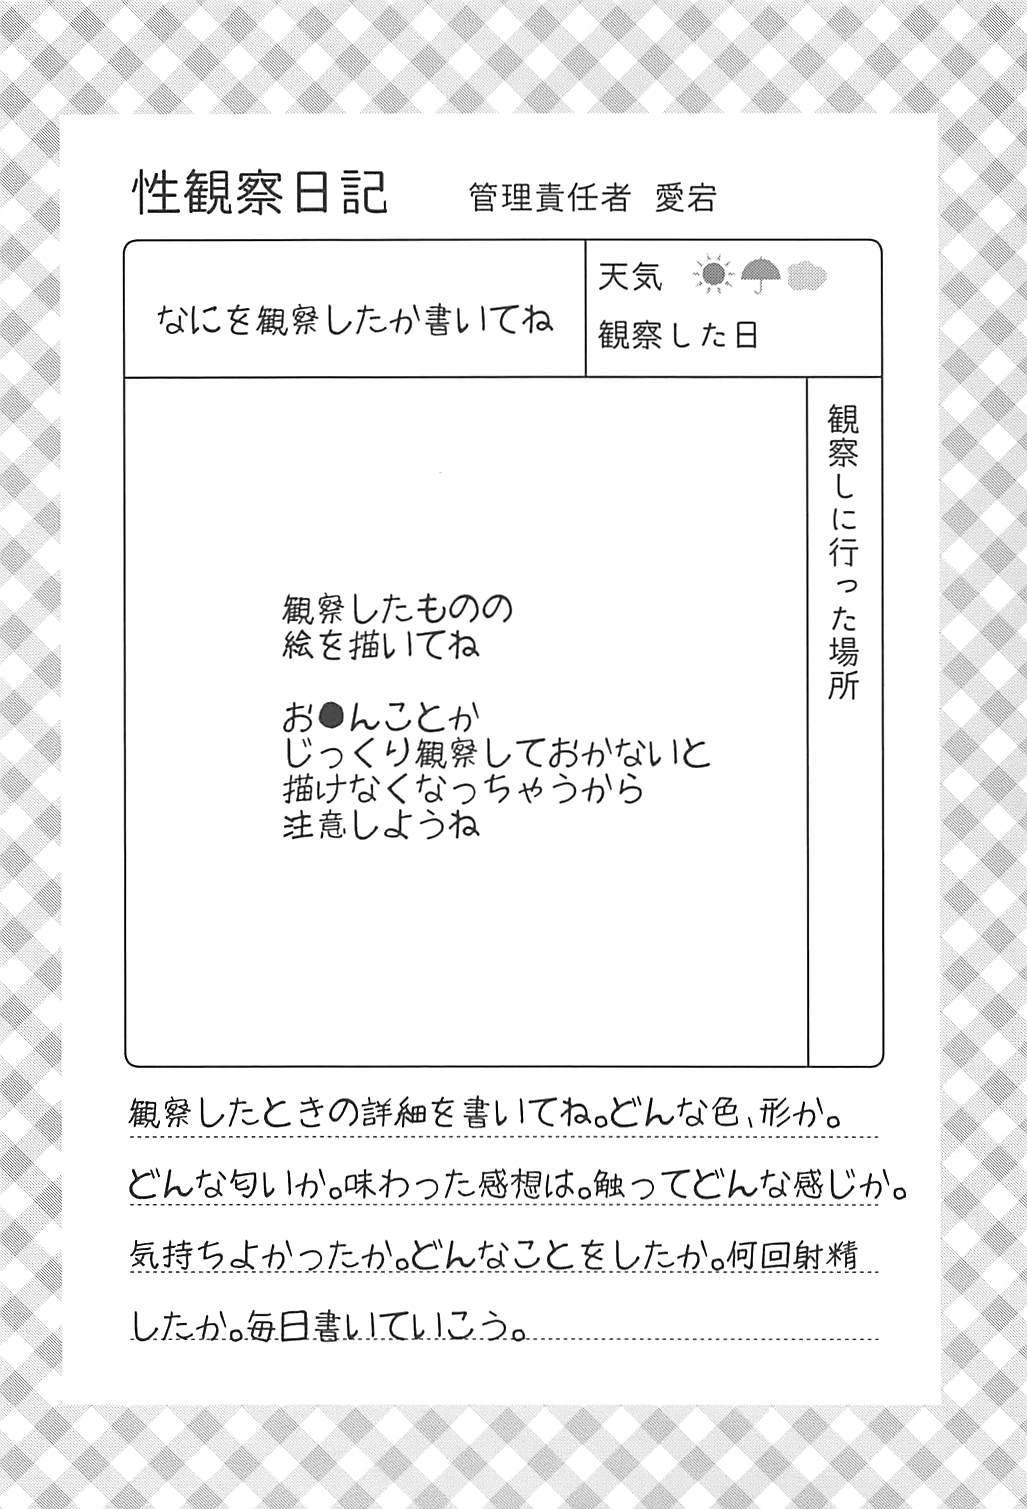 Boku to Atago Onee-san no Natsuyasumi Sei Kansatsu Nikki 4